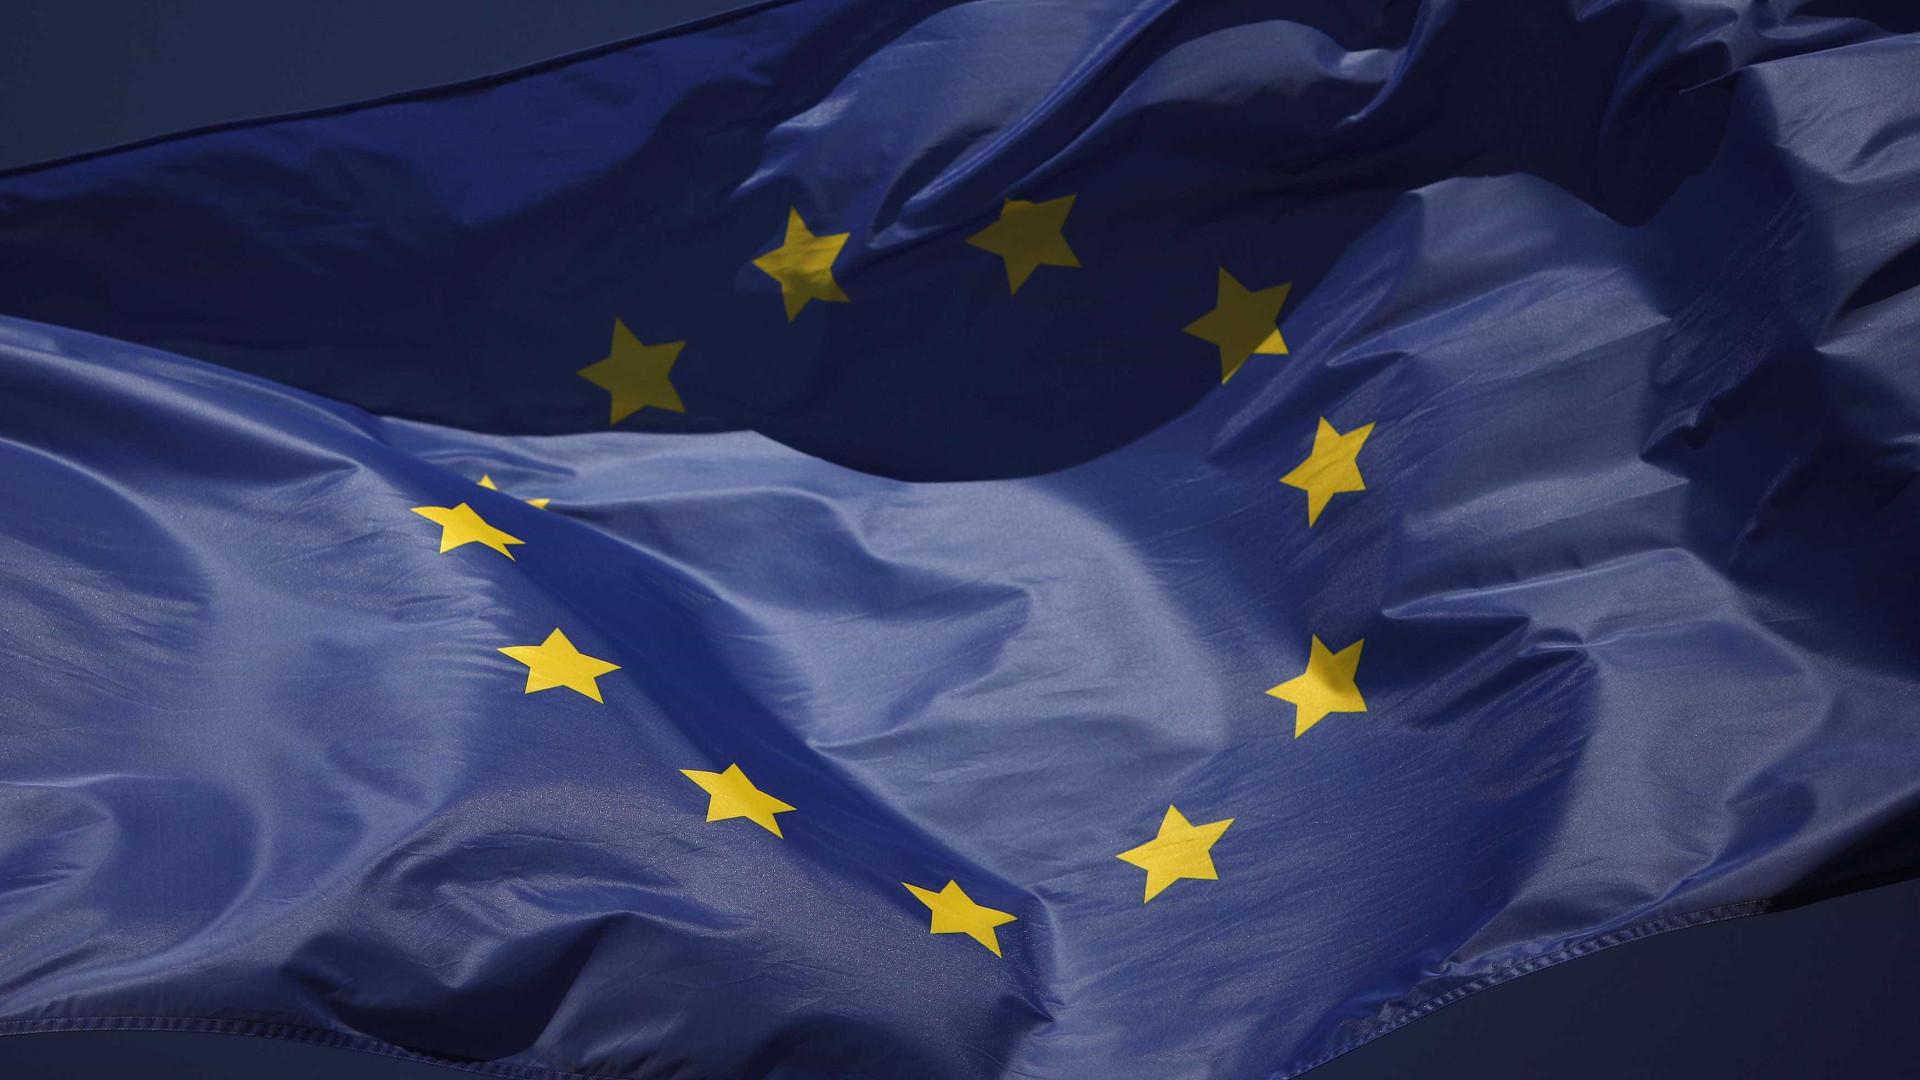 Portugal confirma assinatura do acordo comercial entre UE e Canadá